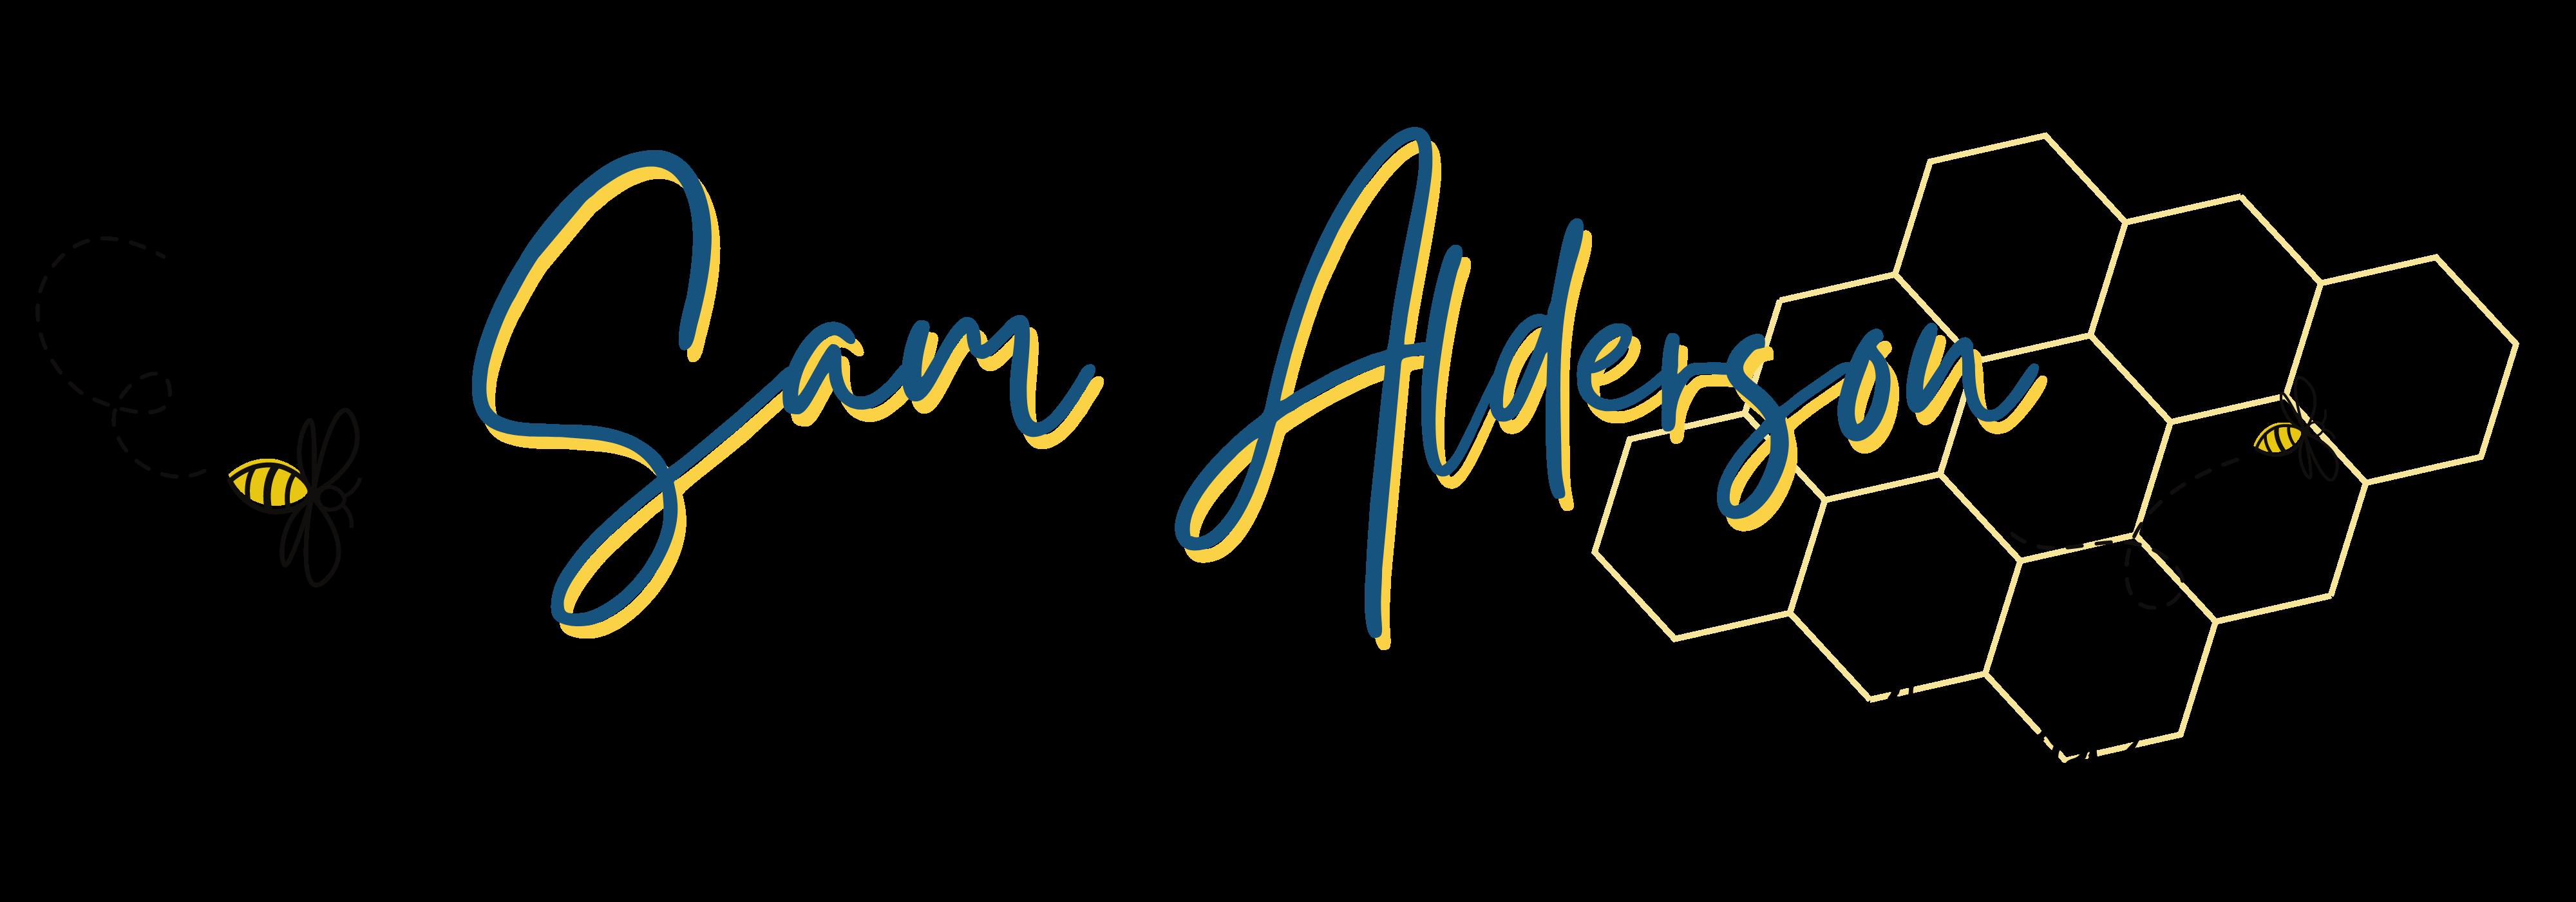 Sam Alderson